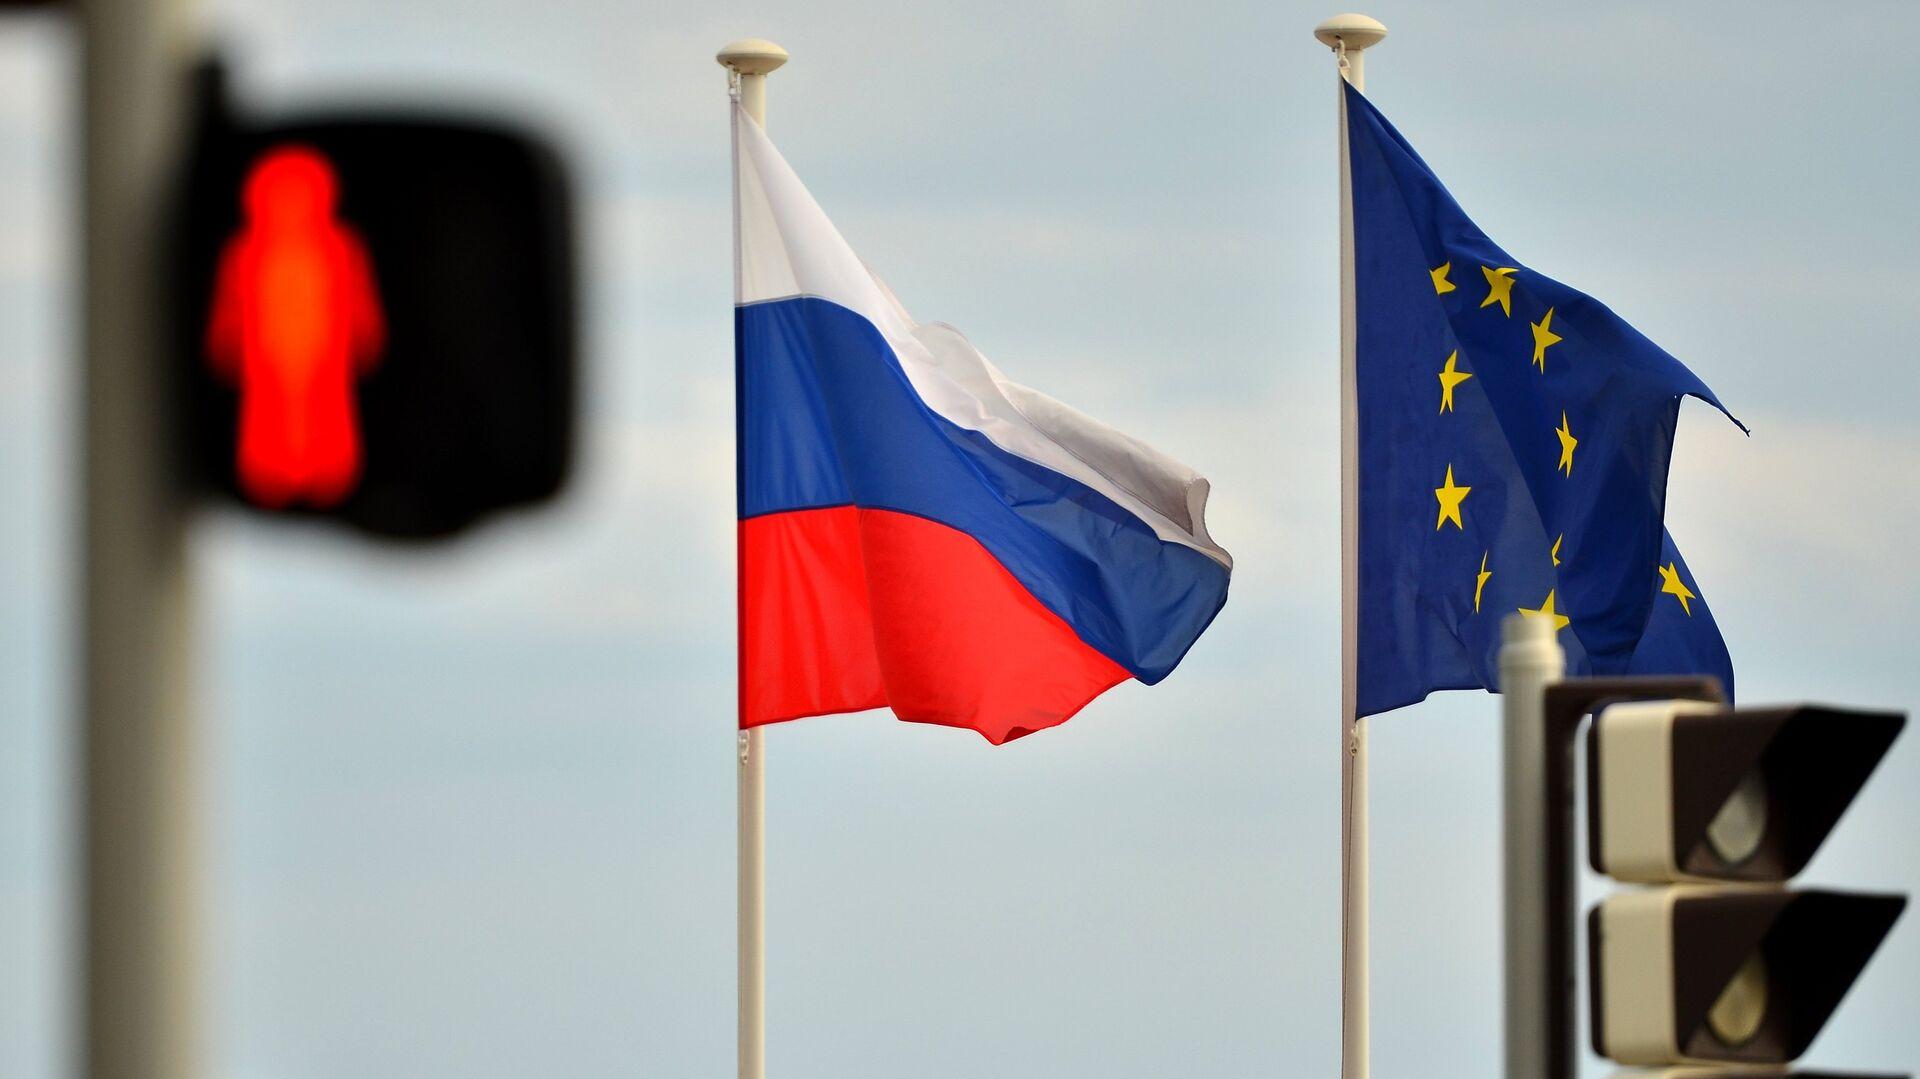 Banderas de Rusia y la UE - Sputnik Mundo, 1920, 30.04.2021